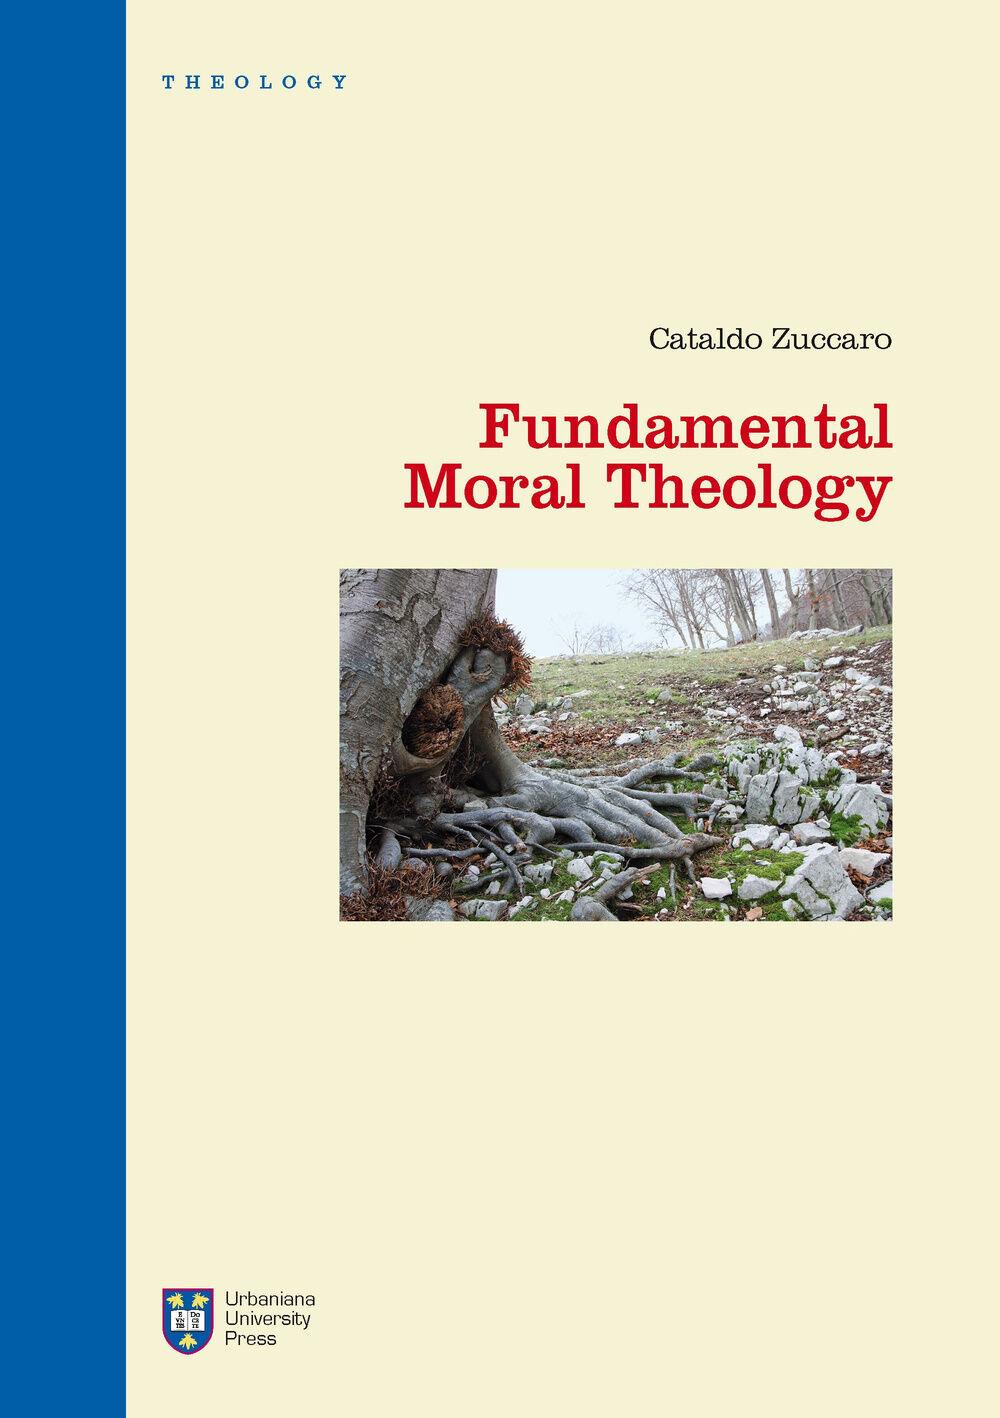 Fundamental moral theology